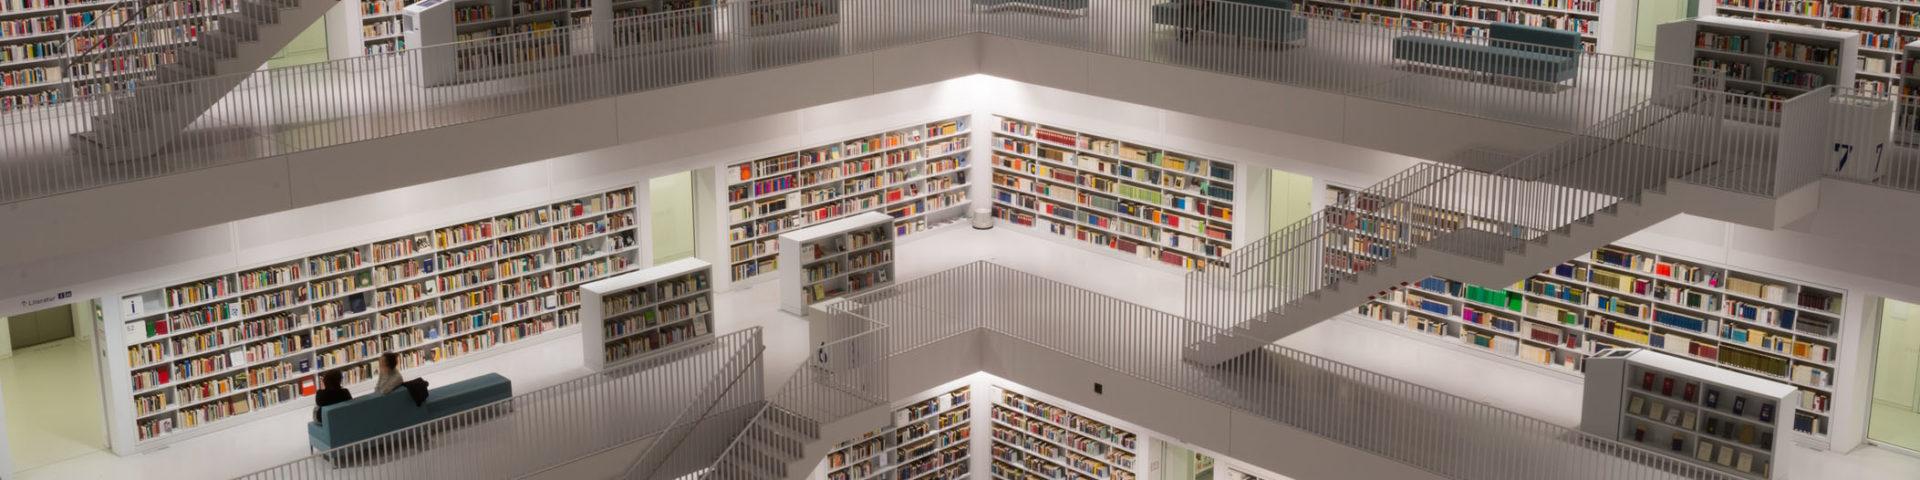 Impressum Hernienzentrum München